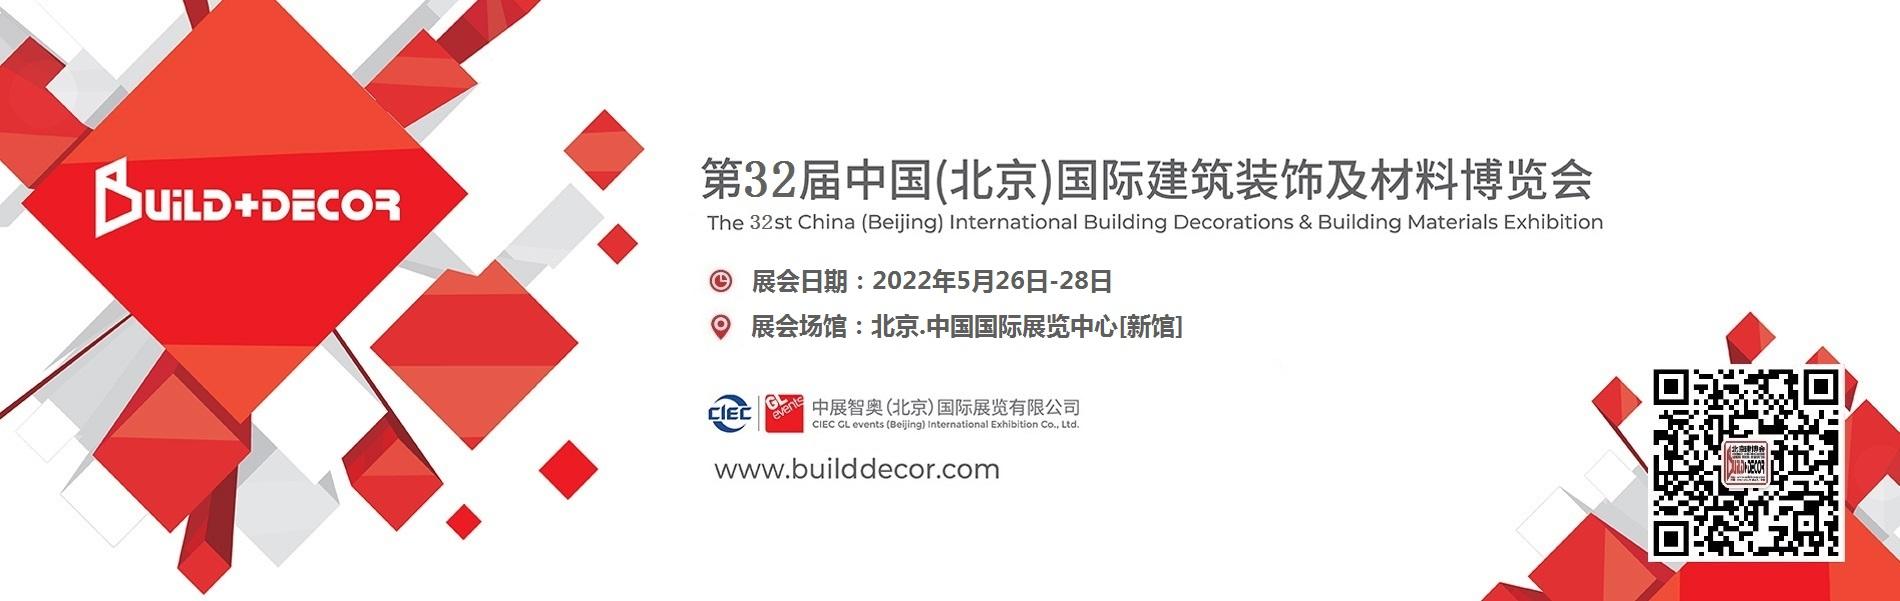 北京建博会-首页-1